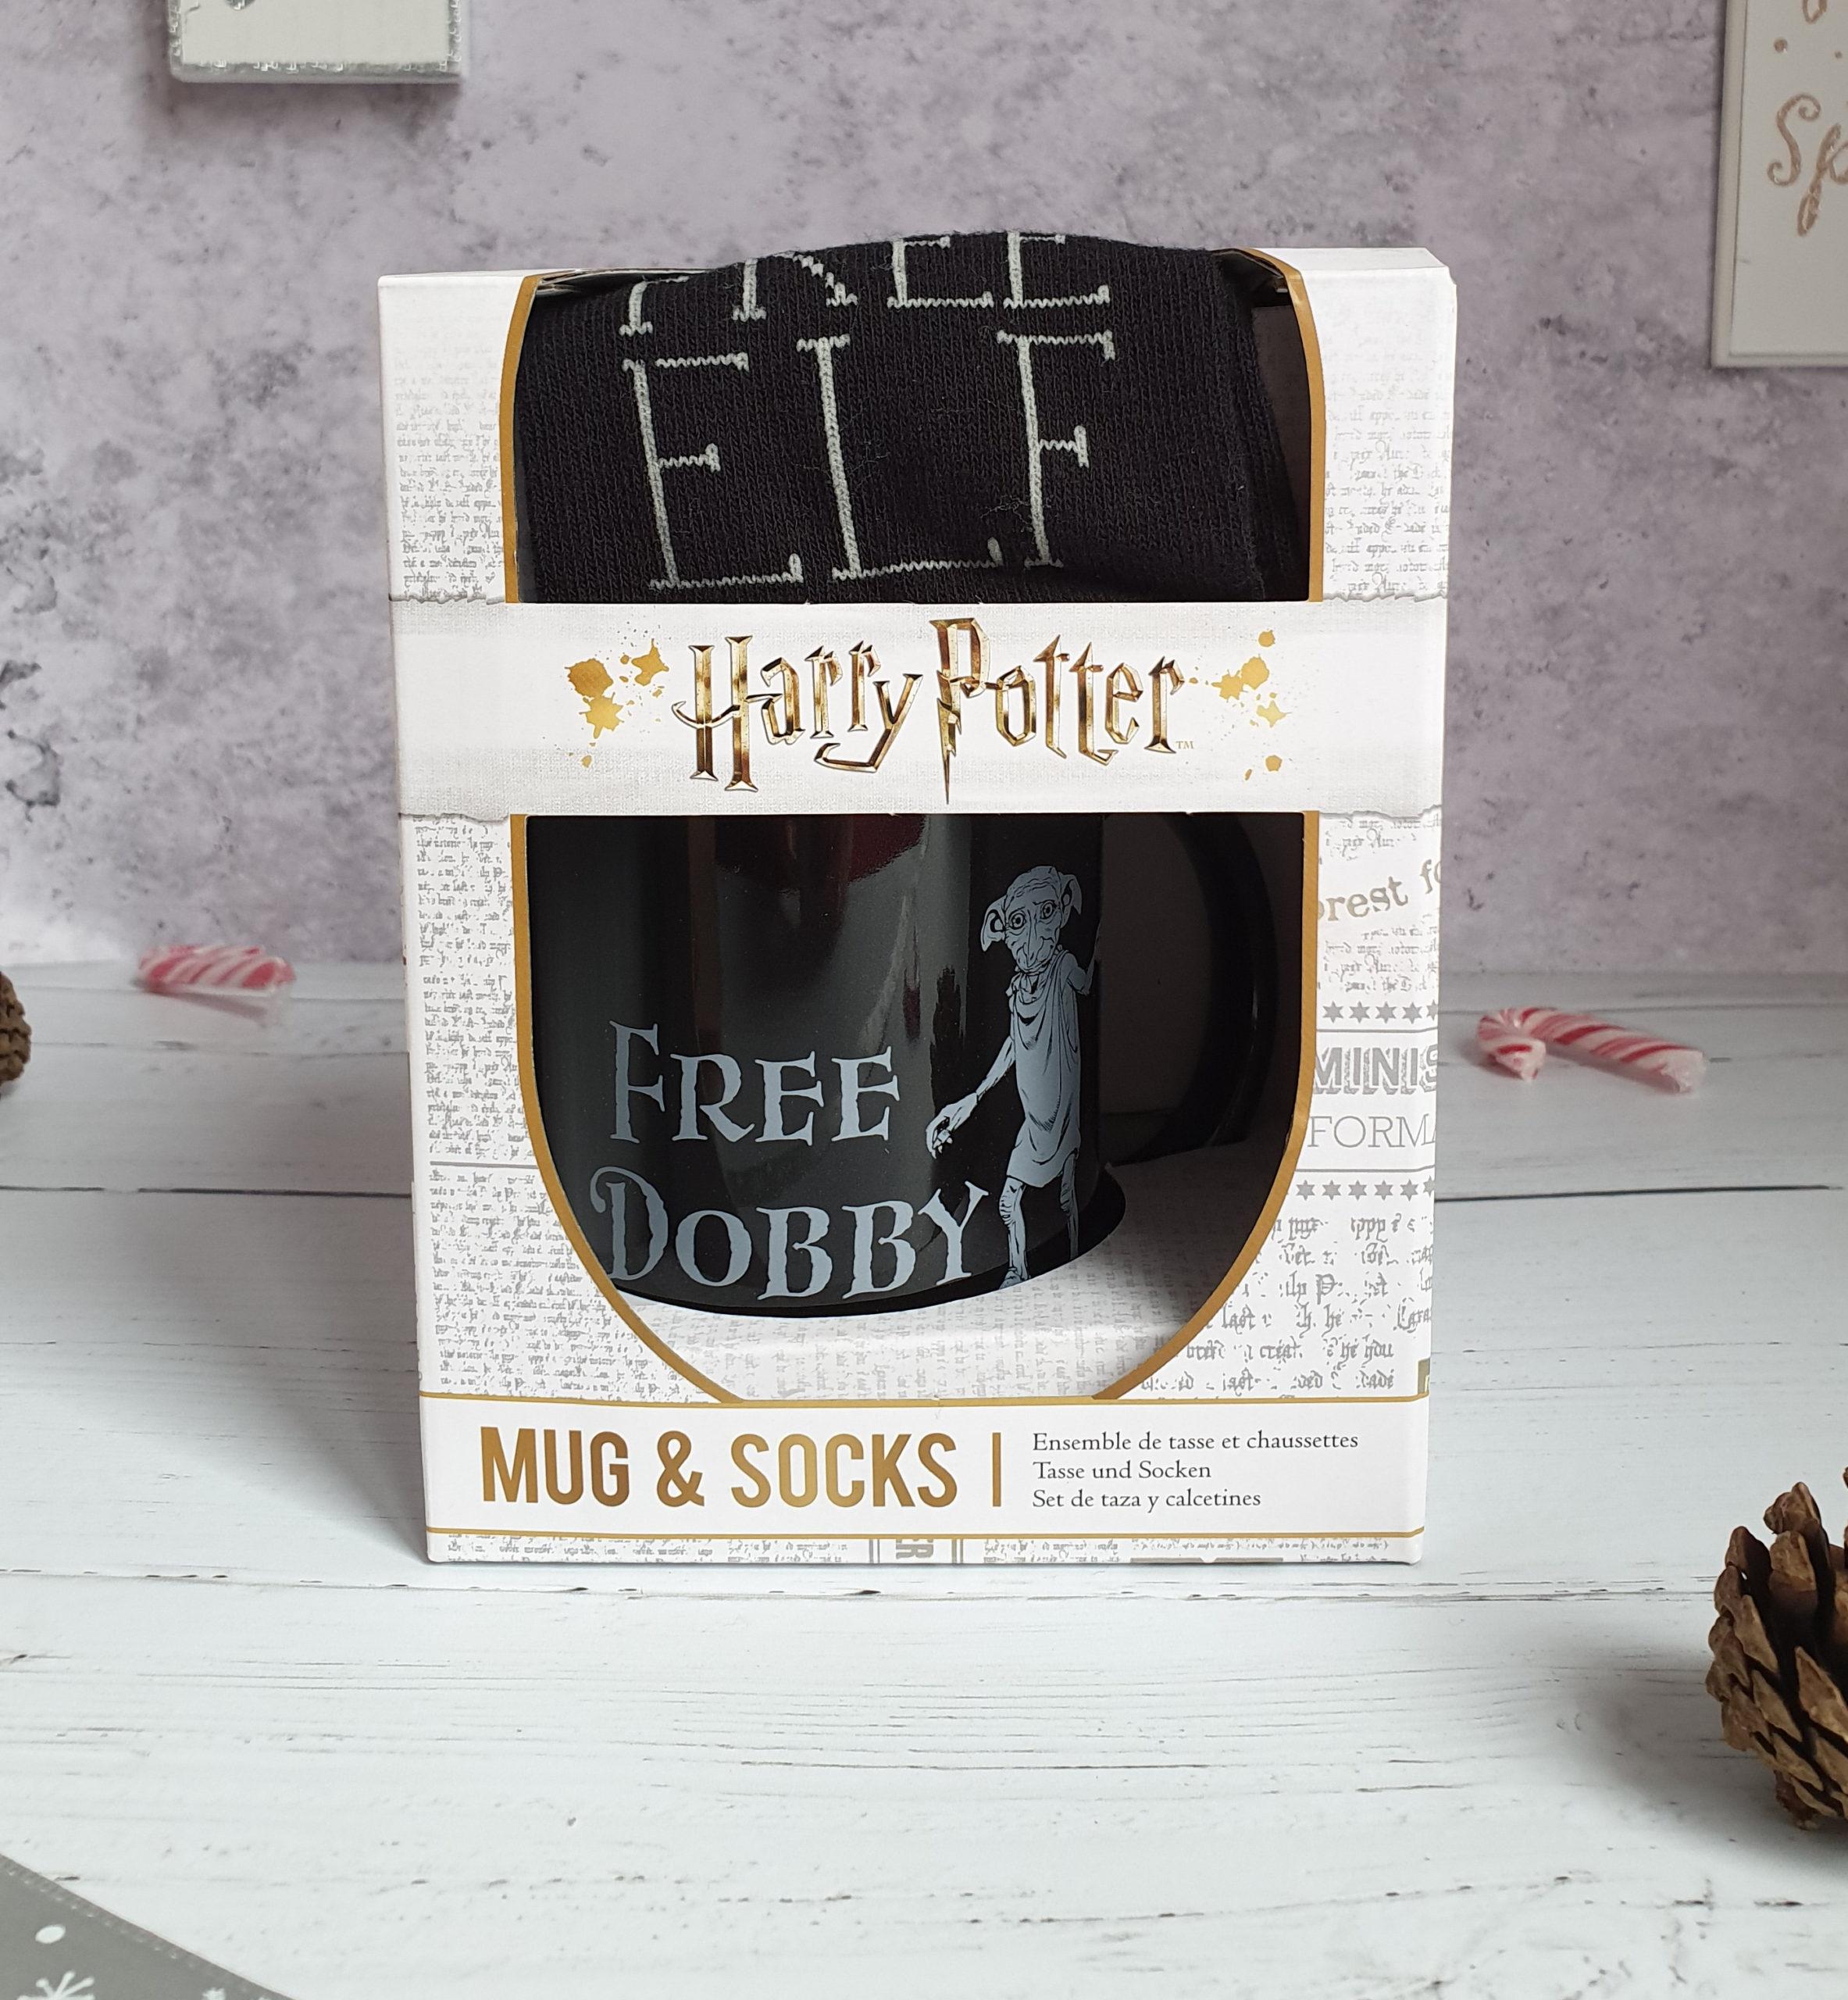 Dobby mug and socks